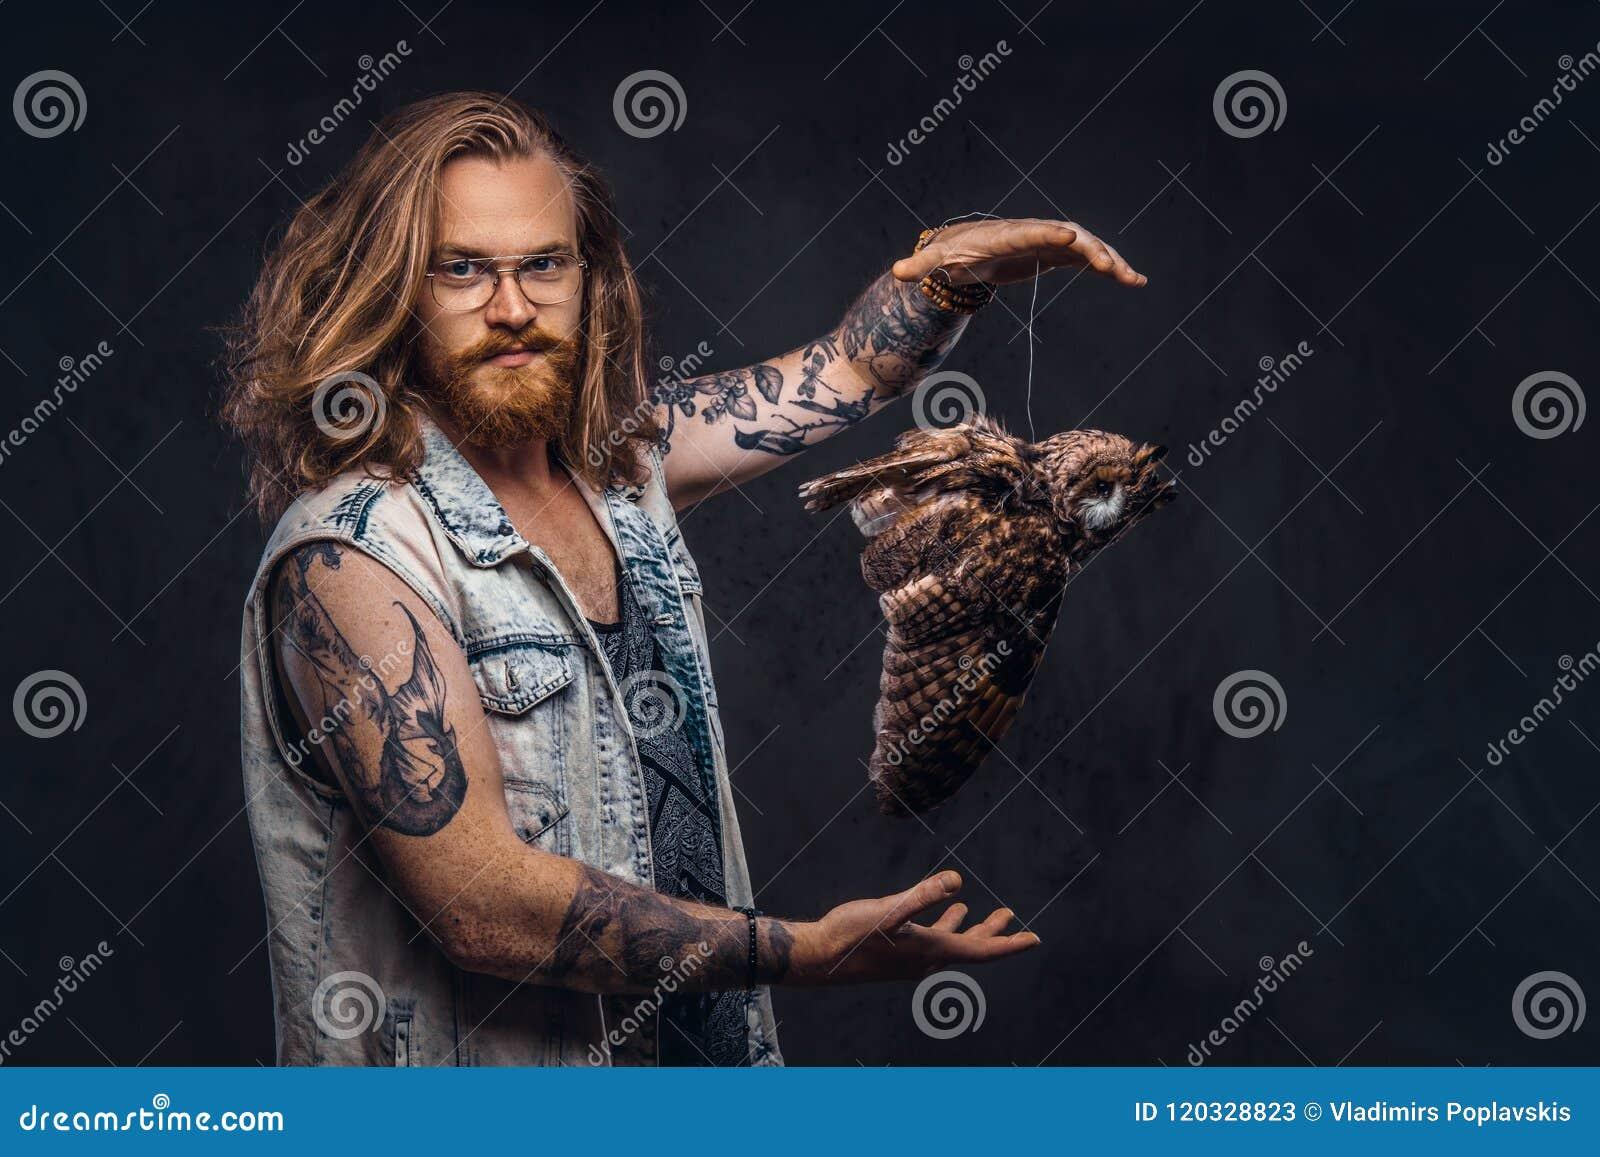 Porträt eines tattoed Rothaarigehippie-Mannes mit dem langen luxuriösen Haar und des Vollbarts gekleidet in ein T-Shirt und Jacke